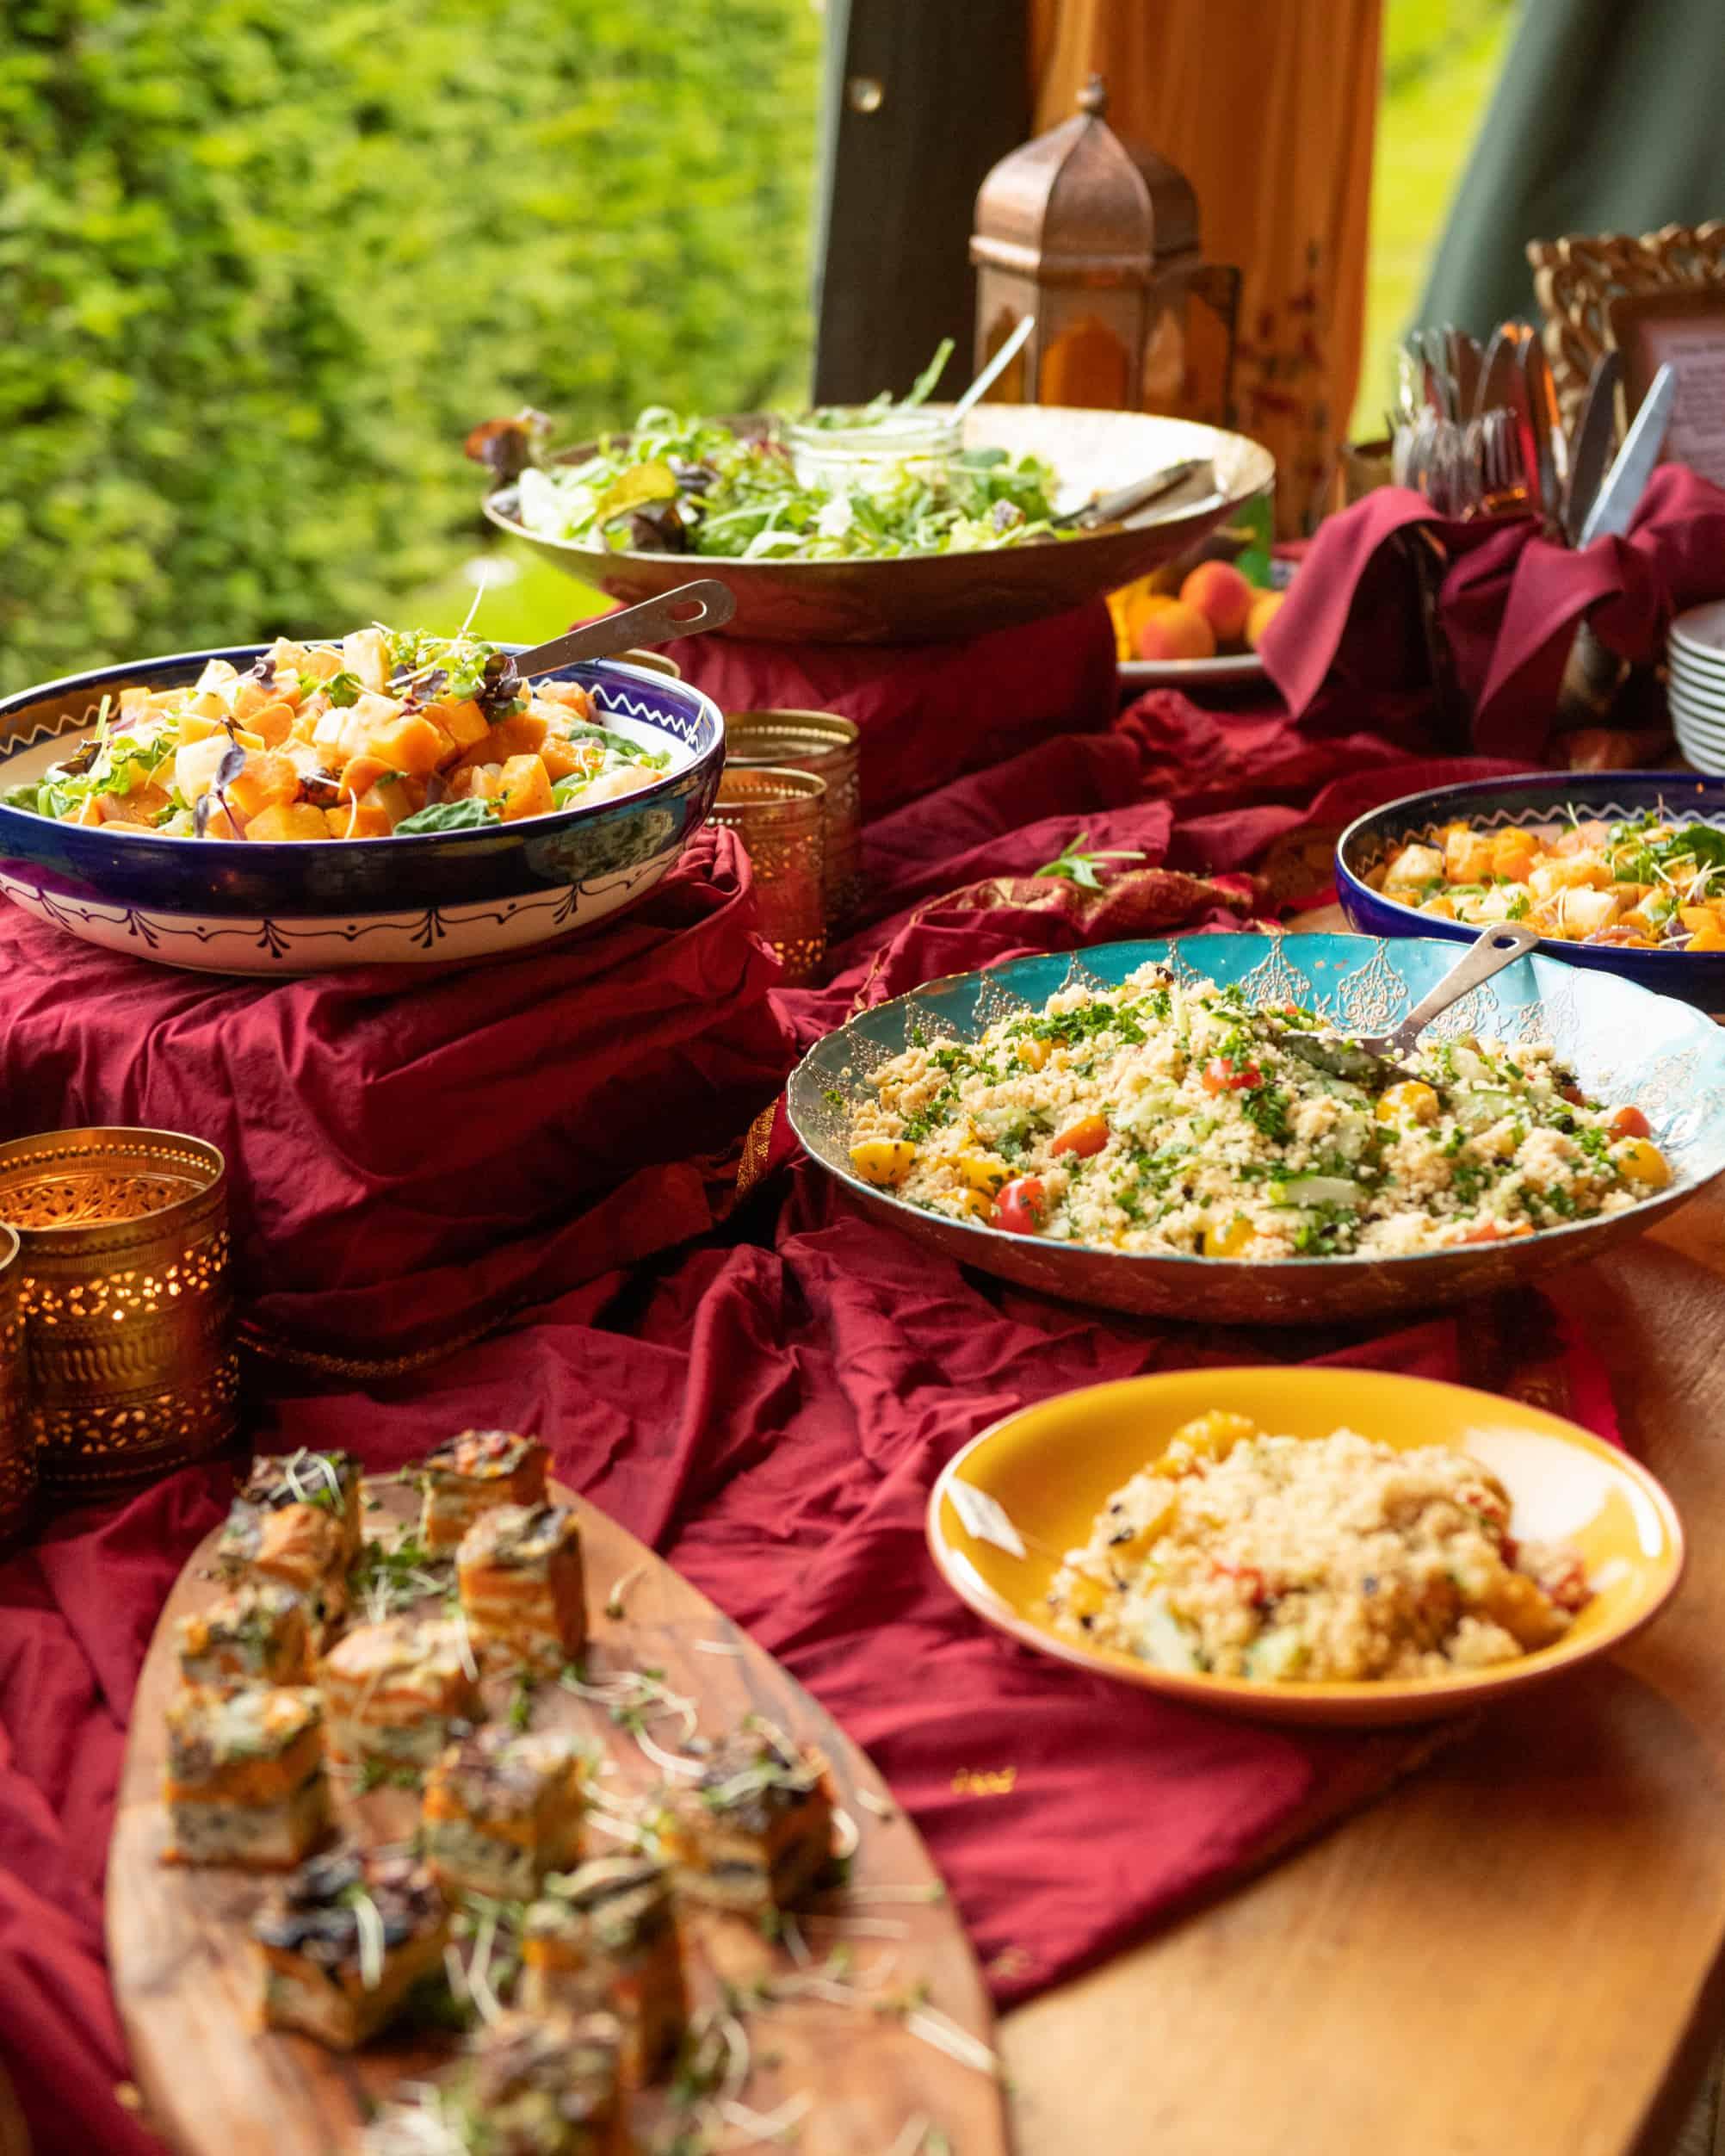 Arabian style buffet